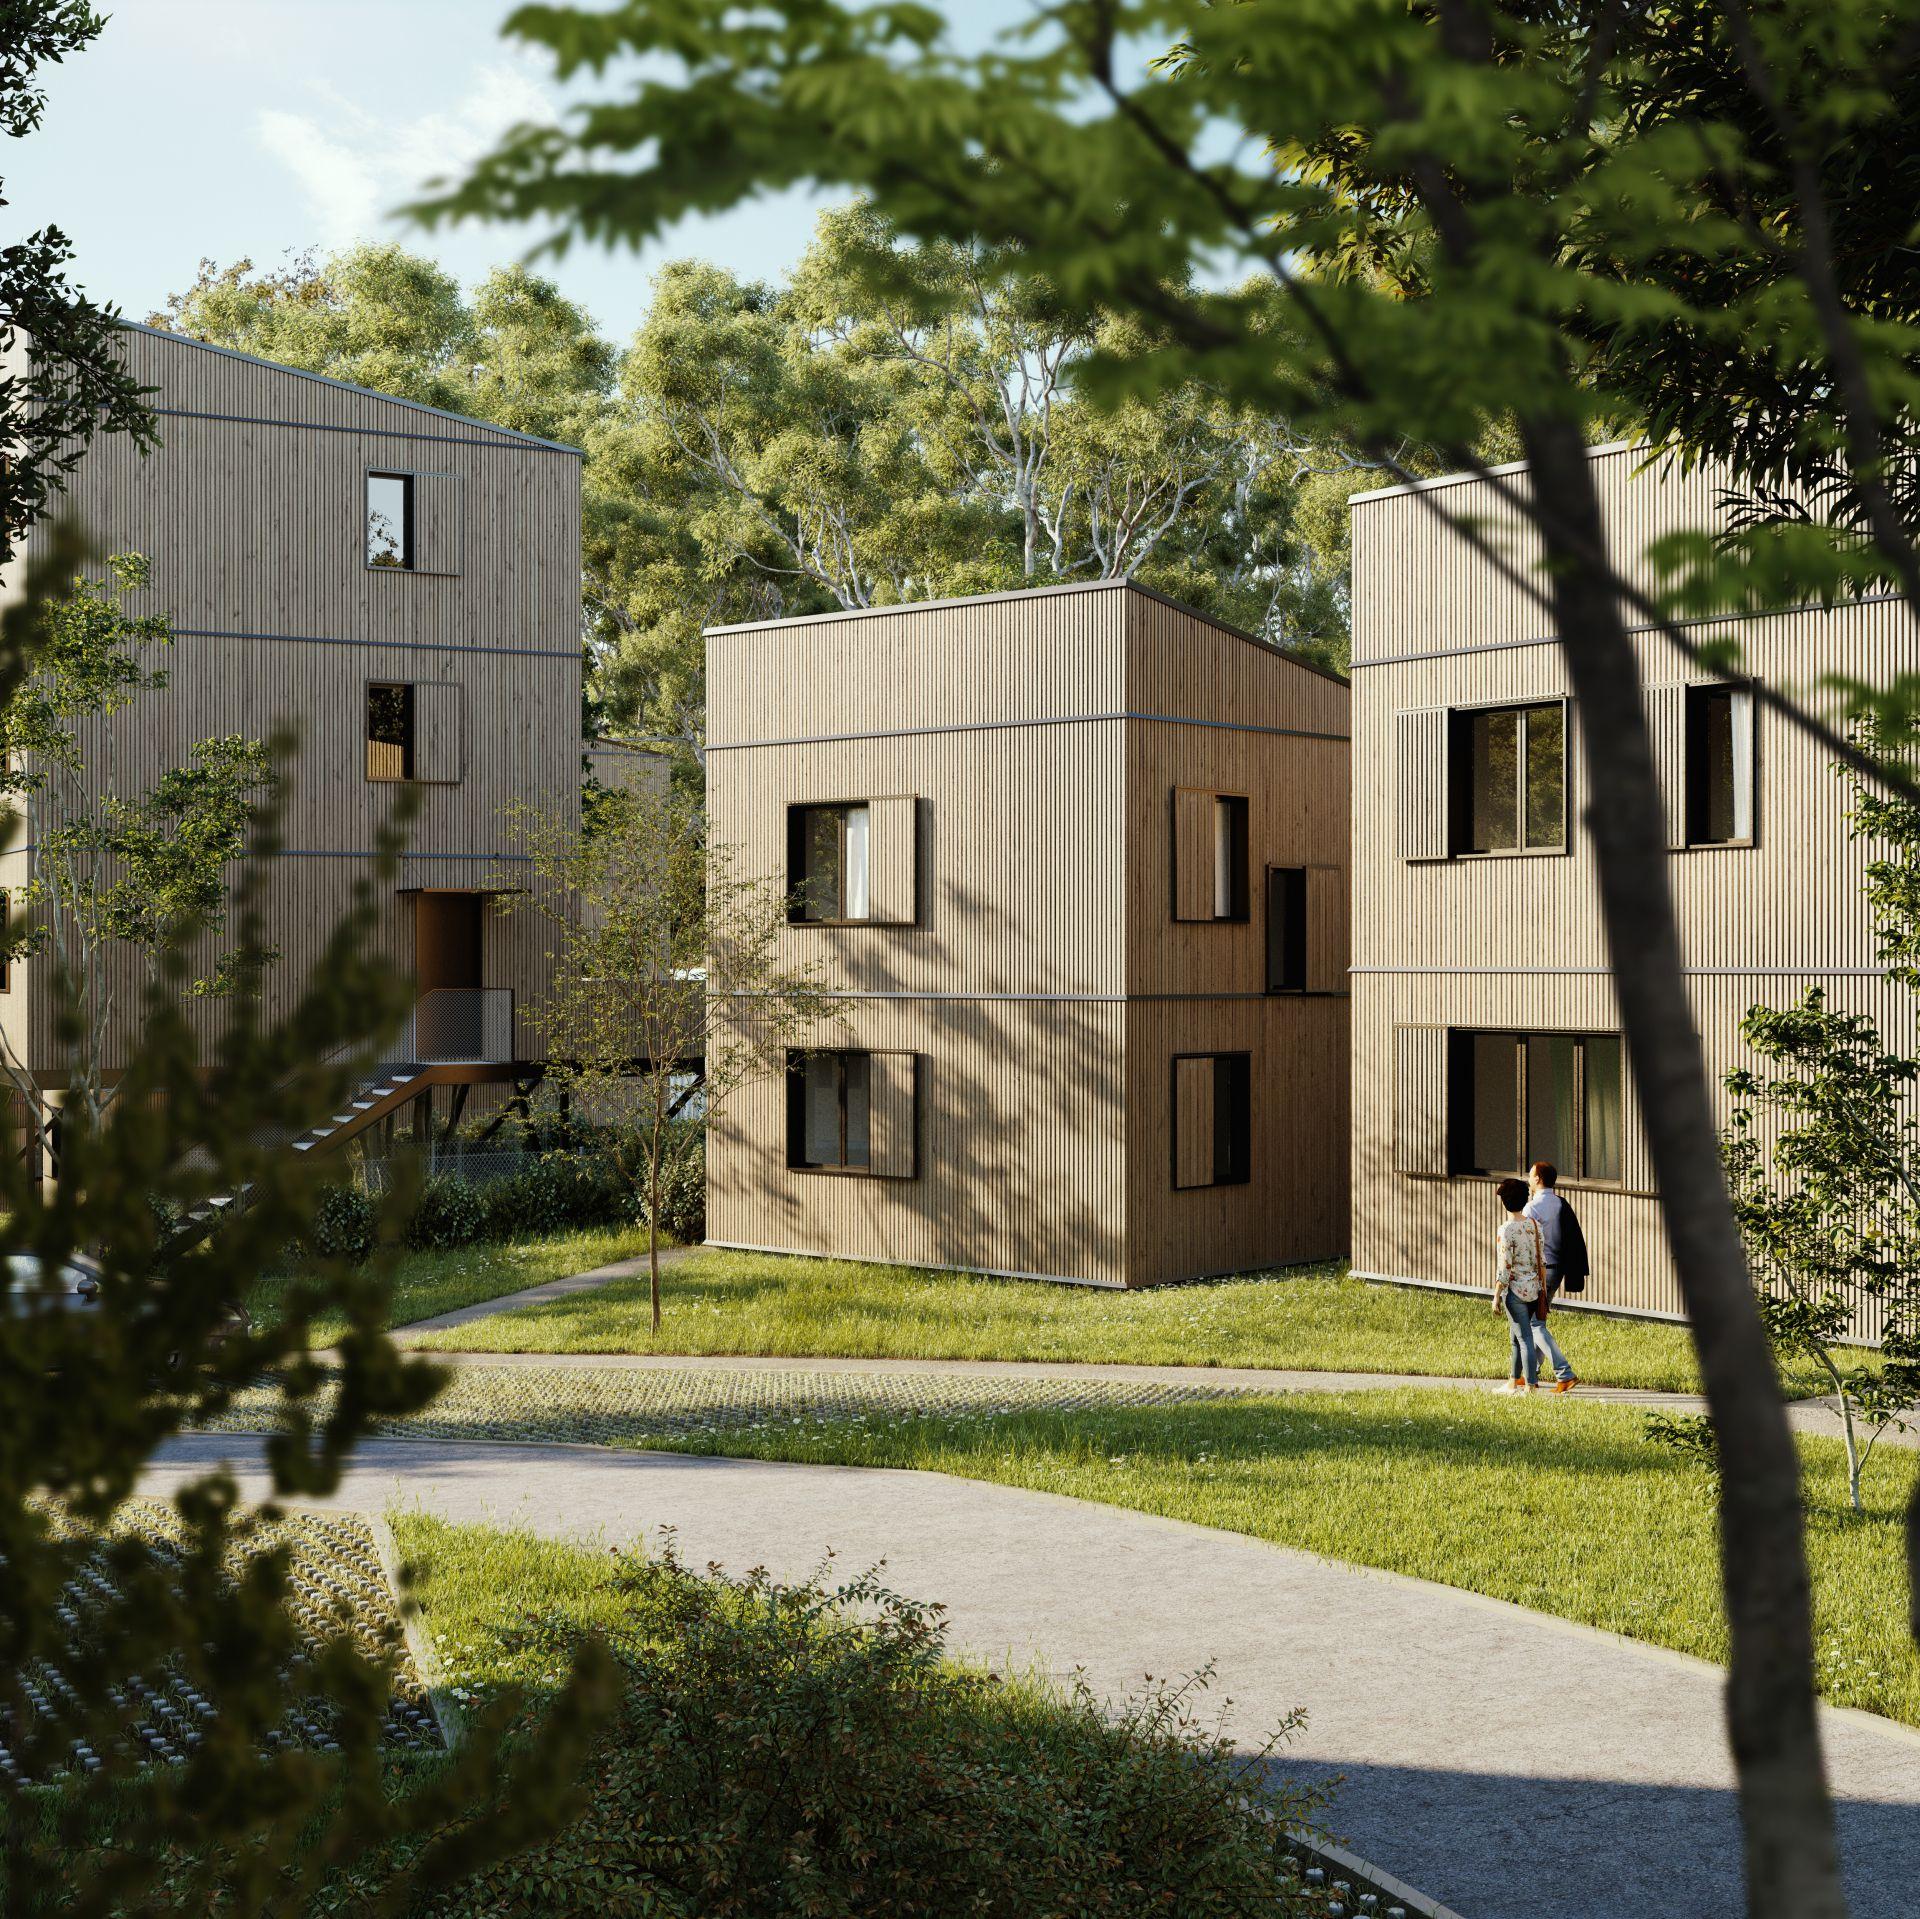 Supervue dumont legrand architecture lgt plantoun Medium